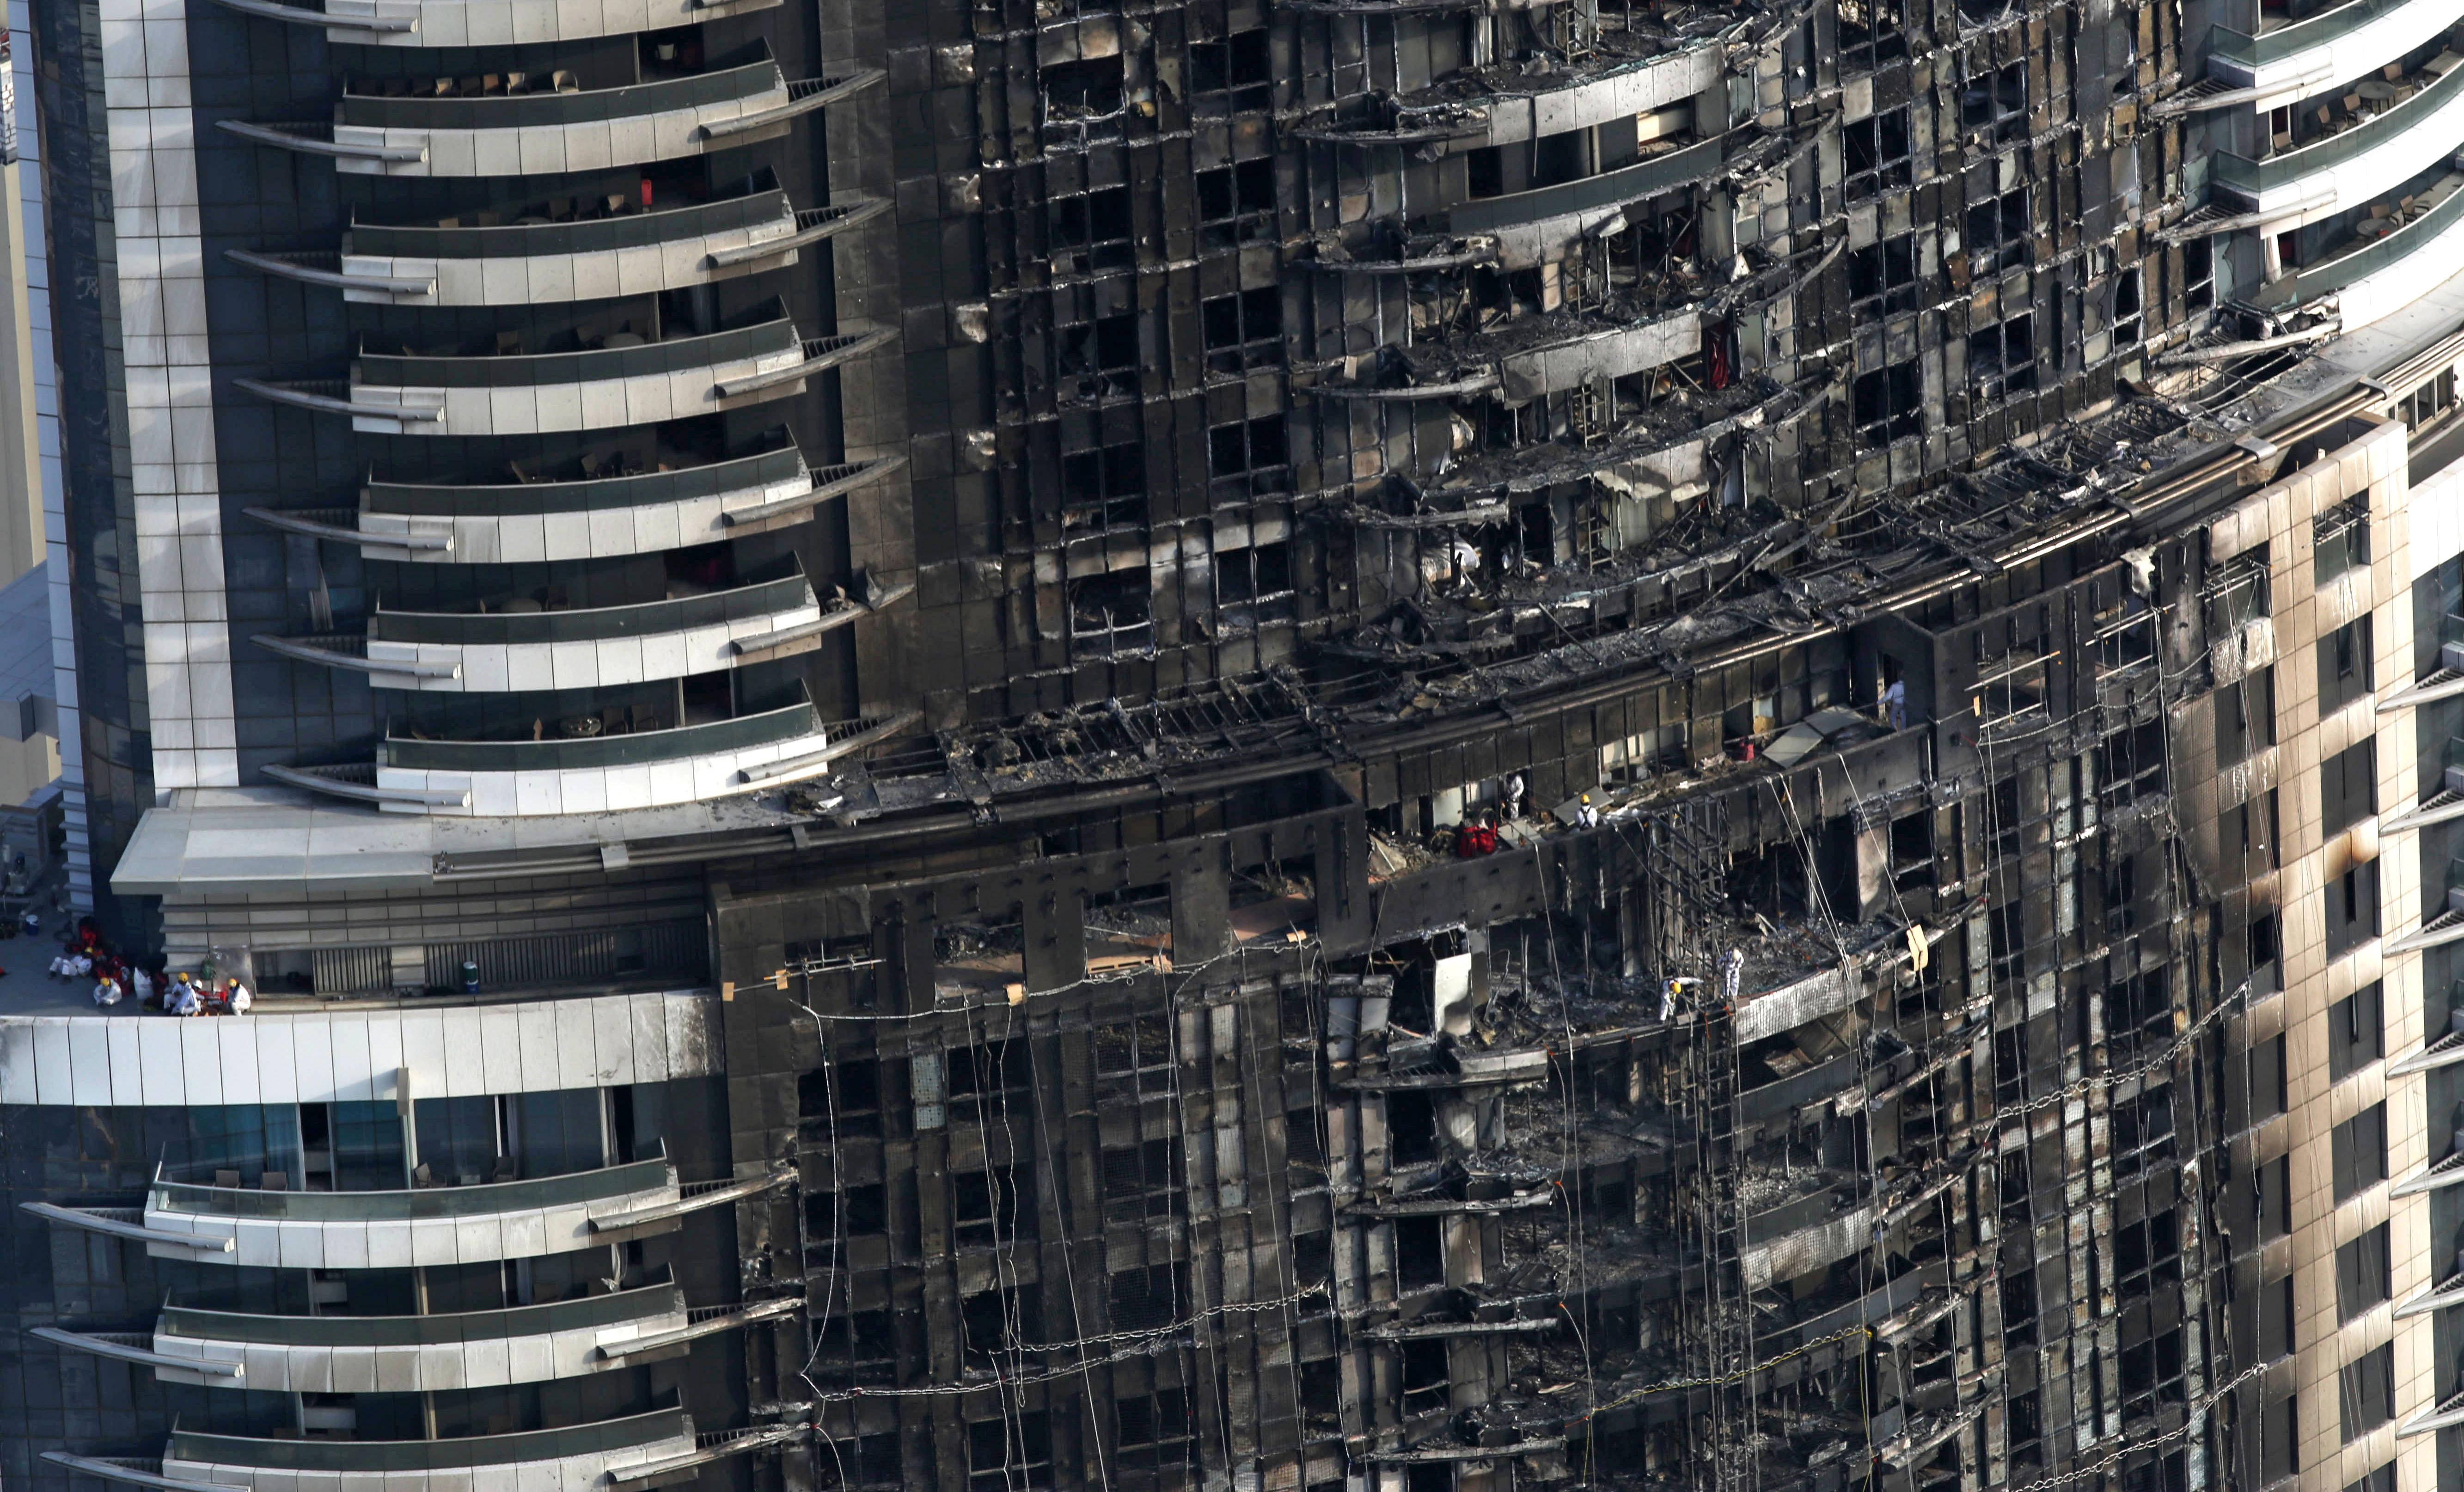 Dubai dubai tower blaze shows risks in common building for New hotels in dubai 2016